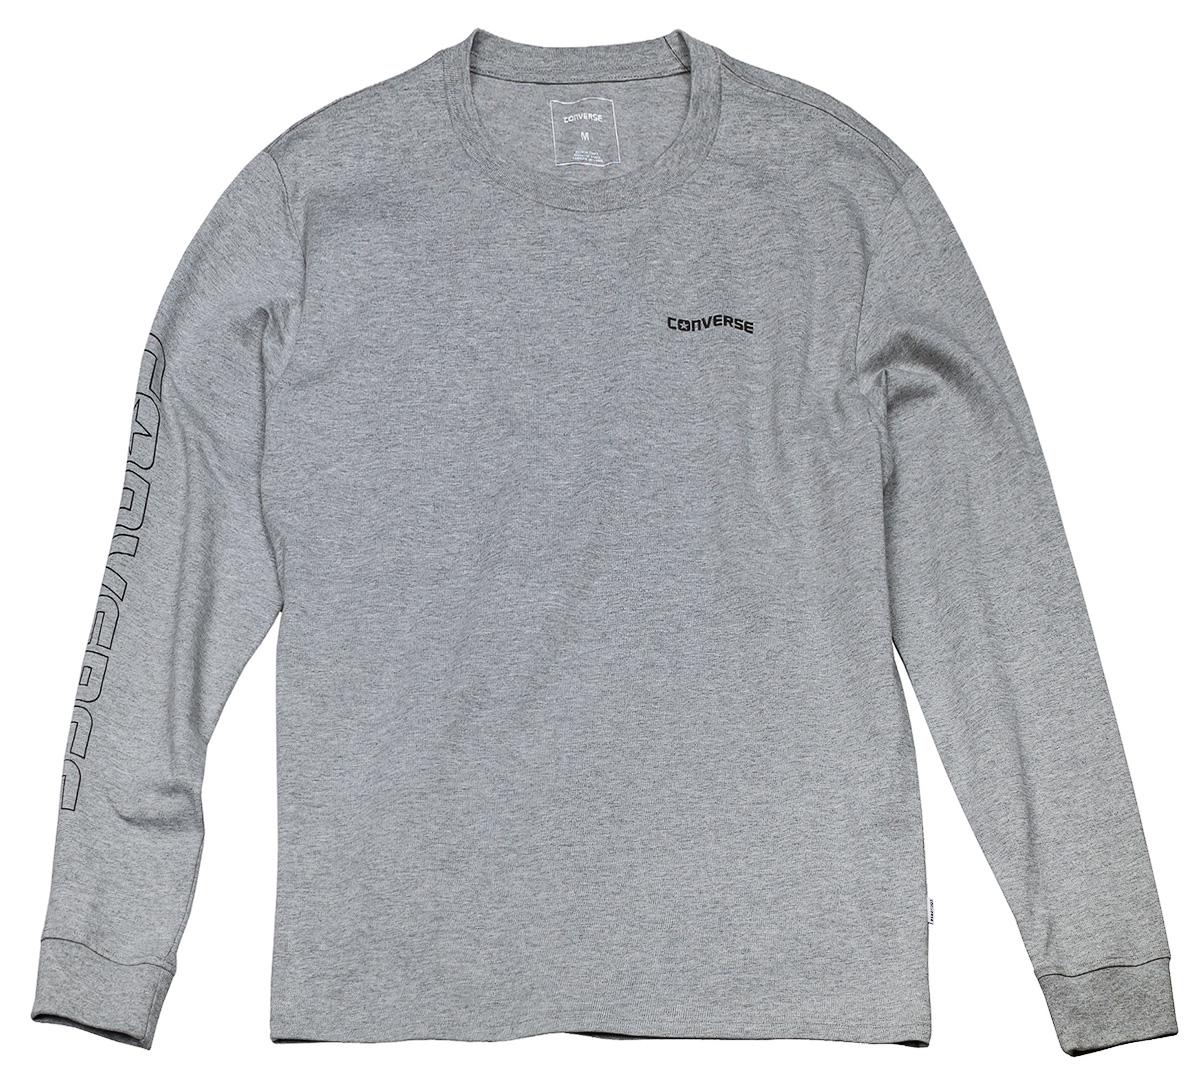 Лонгслив мужской Converse LS Graphic Wordmark Tee, цвет: серый. 10004707035. Размер L (50)10004707035Мужской лонгслив Converse изготовленный из натурального хлопка, станет отличным дополнением к вашему гардеробу. Материал изделия очень мягкий и приятный на ощупь, не сковывает движения и позволяет коже дышать, обеспечивая комфорт. Модель с круглым вырезом горловины.Современный дизайн и расцветка делают этот лонгслив стильным предметом мужской одежды. Такая модель подарит вам комфорт в течение всего дня.